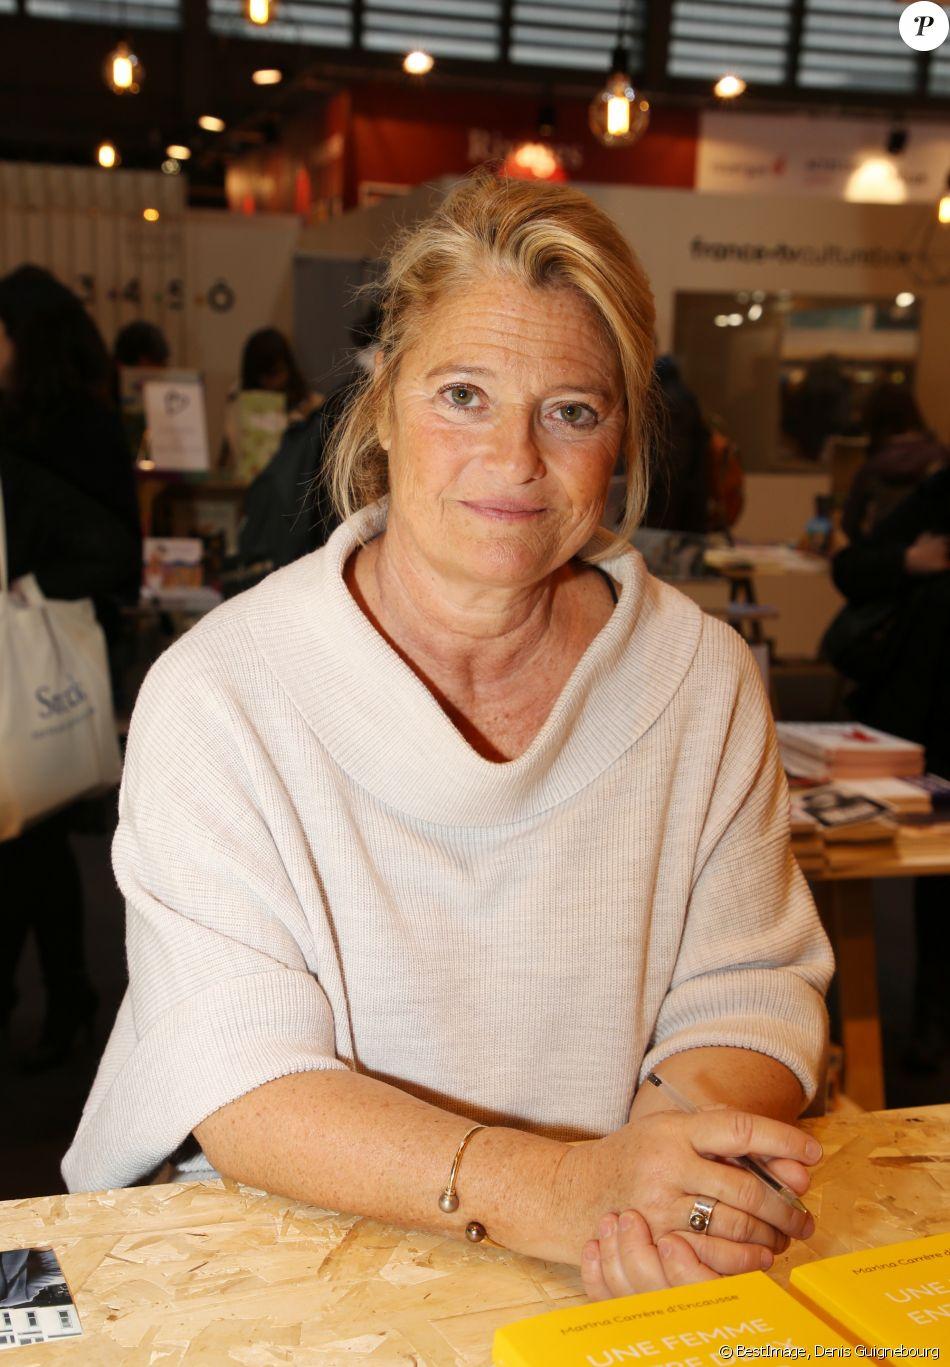 Marina carr re d 39 encausse lors du salon du livre de paris le 17 mars 2018 la porte de - Marina carrere d encausse livre ...